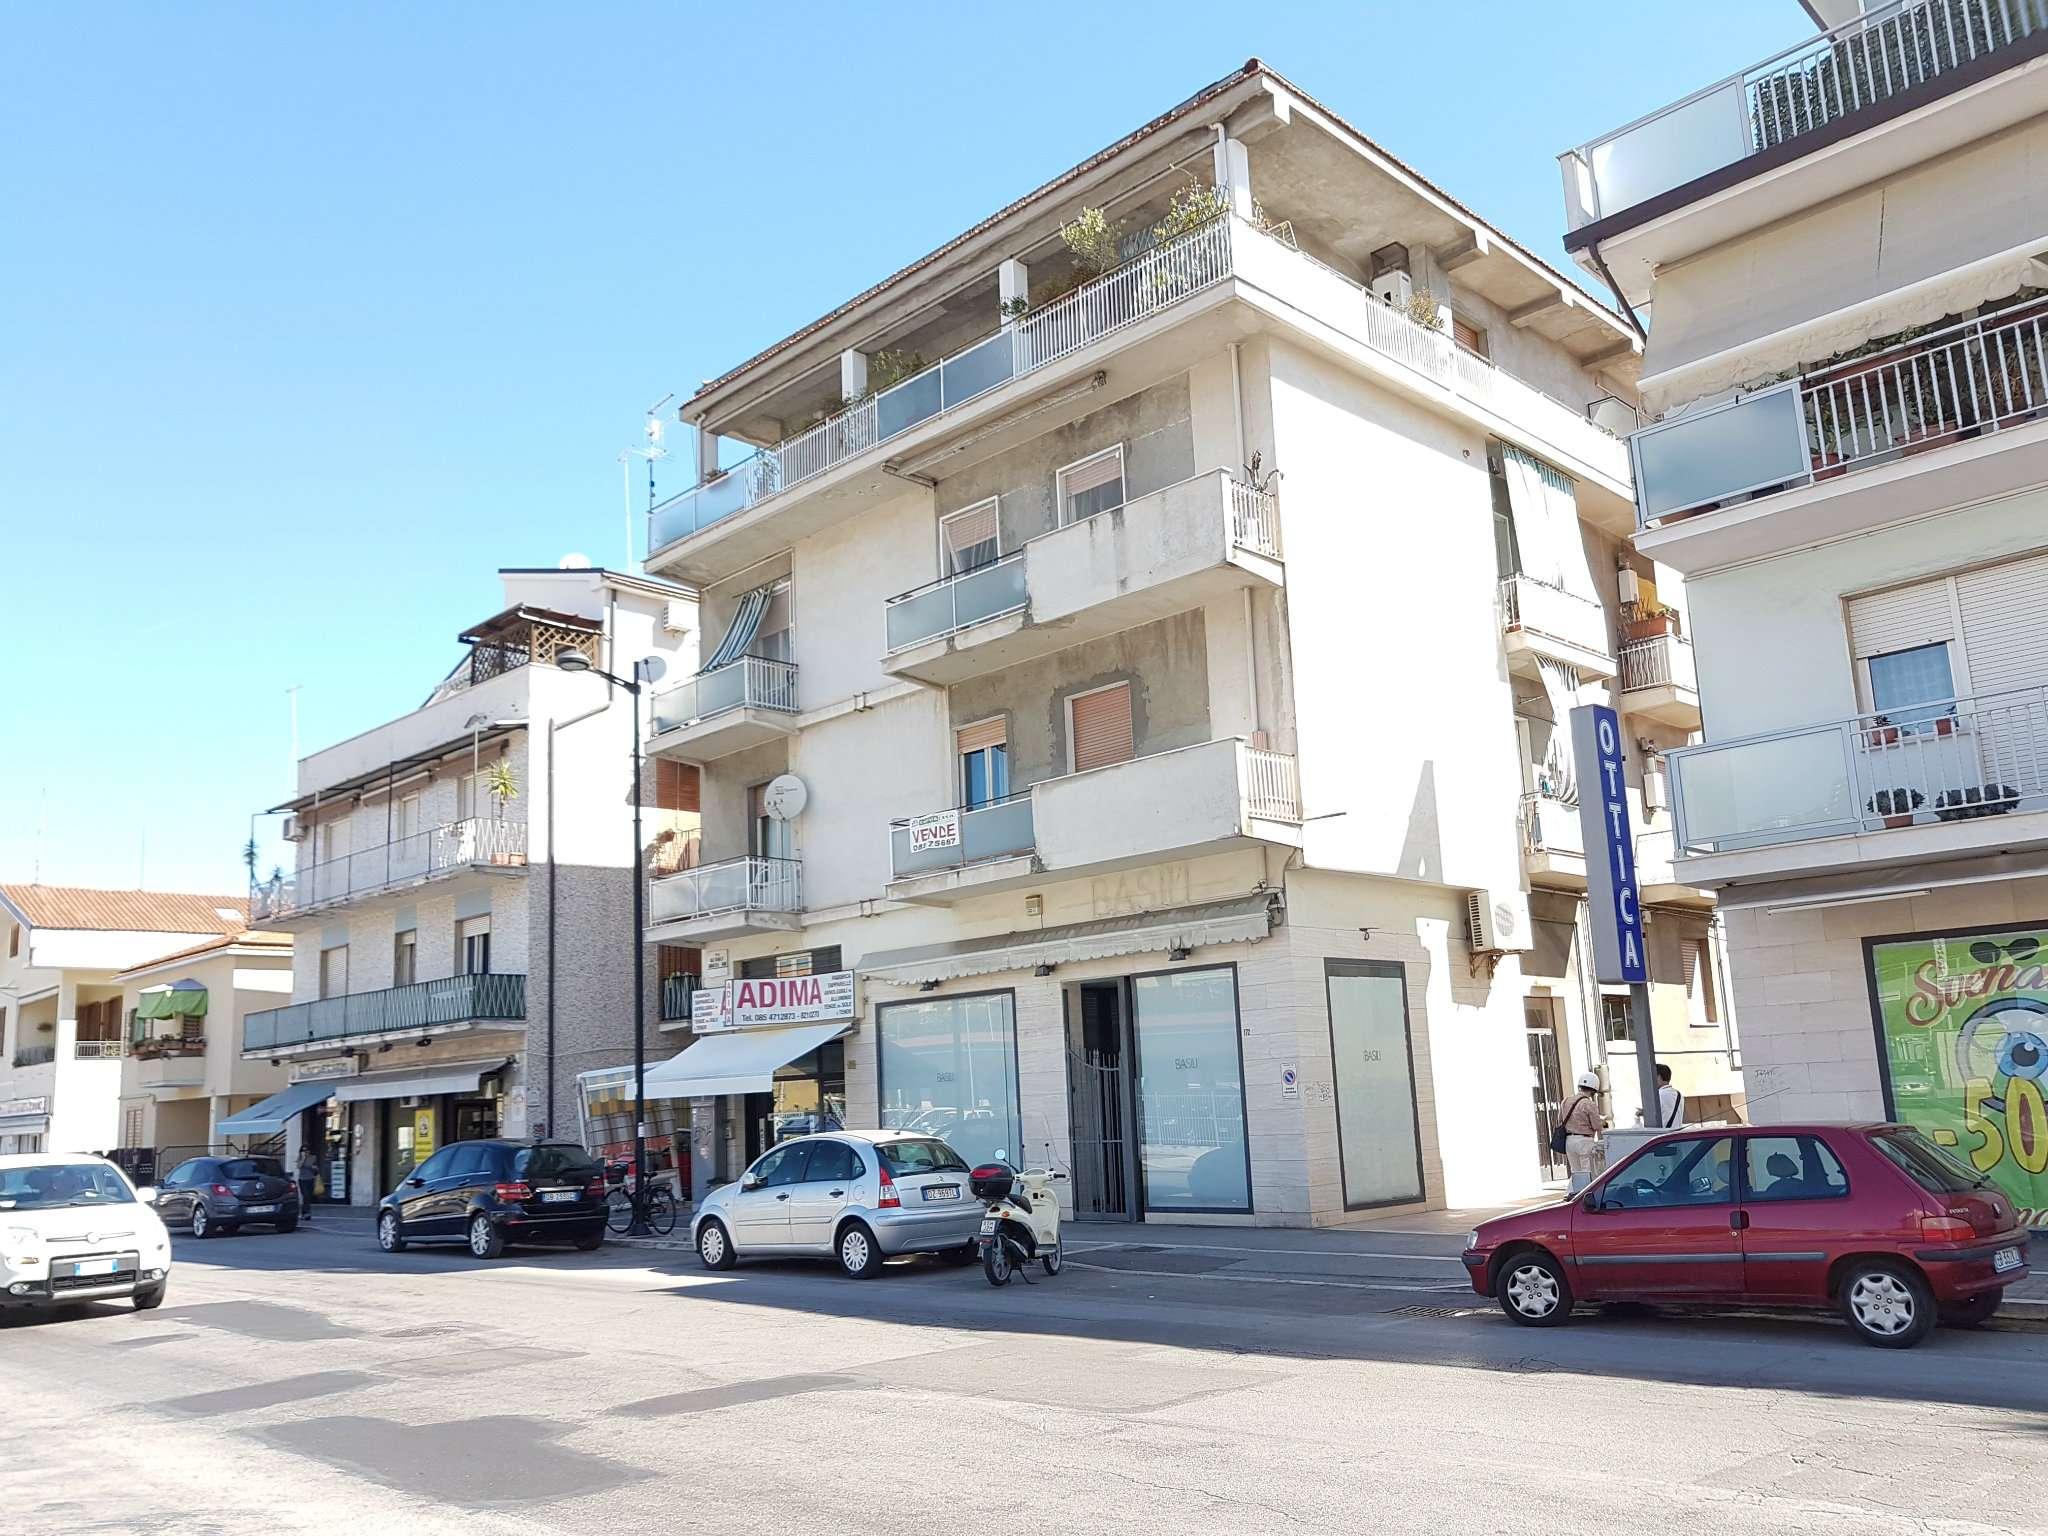 Negozio / Locale in affitto a Pescara, 4 locali, prezzo € 1.500 | CambioCasa.it